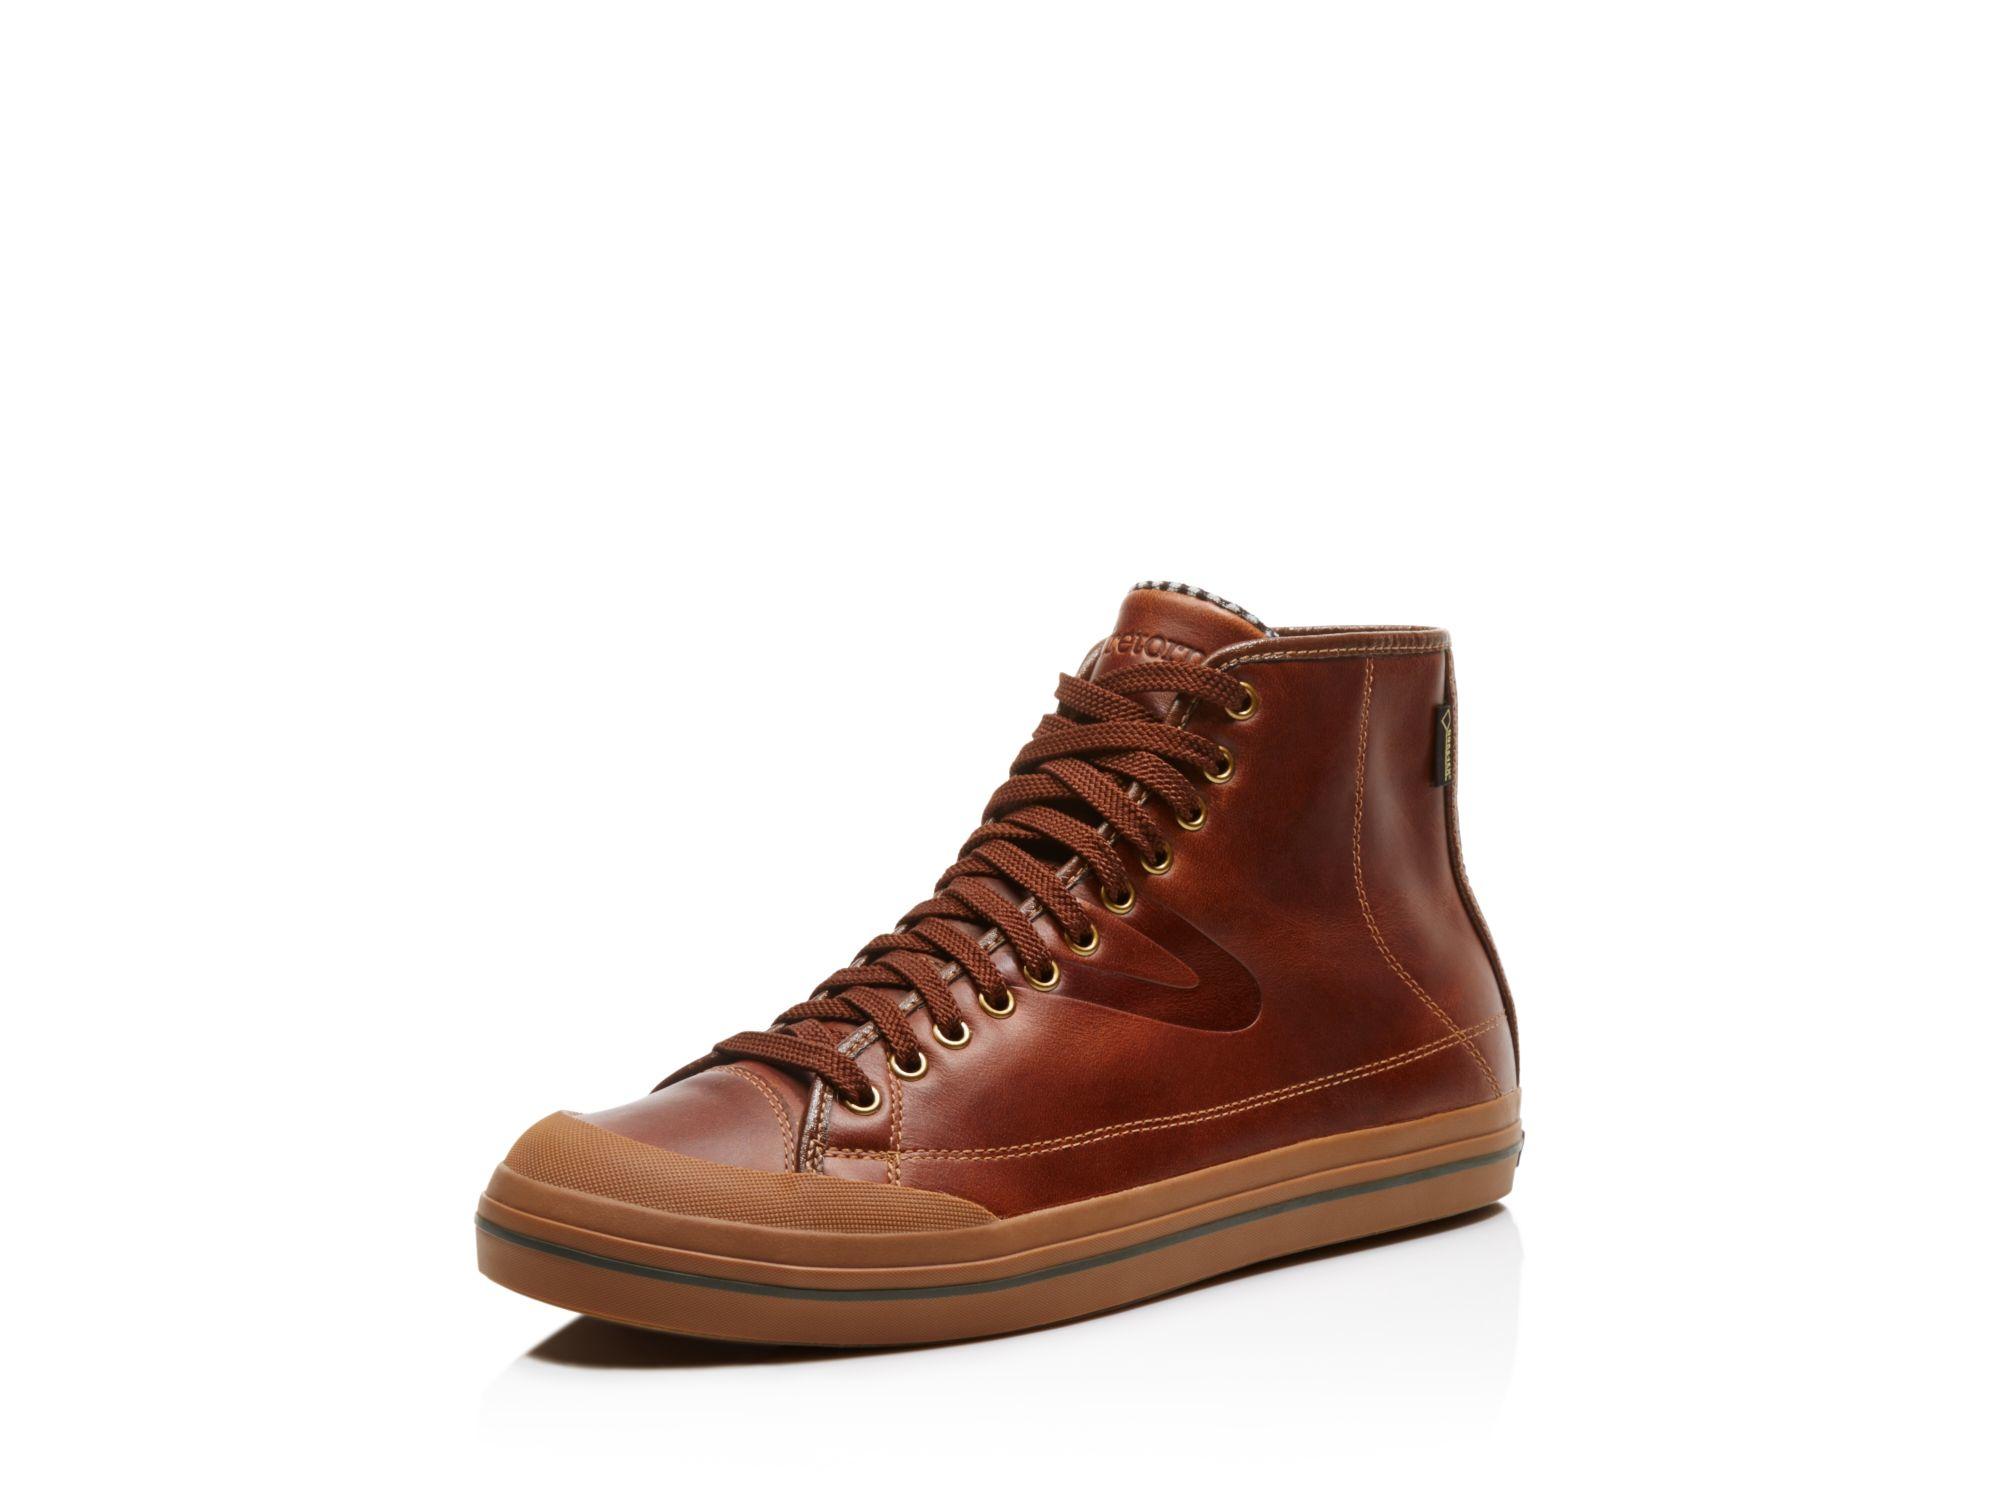 20182017 Fashion Sneakers Tretorn Mens Skymra Court GTX Leather Fashion Sneaker Retail